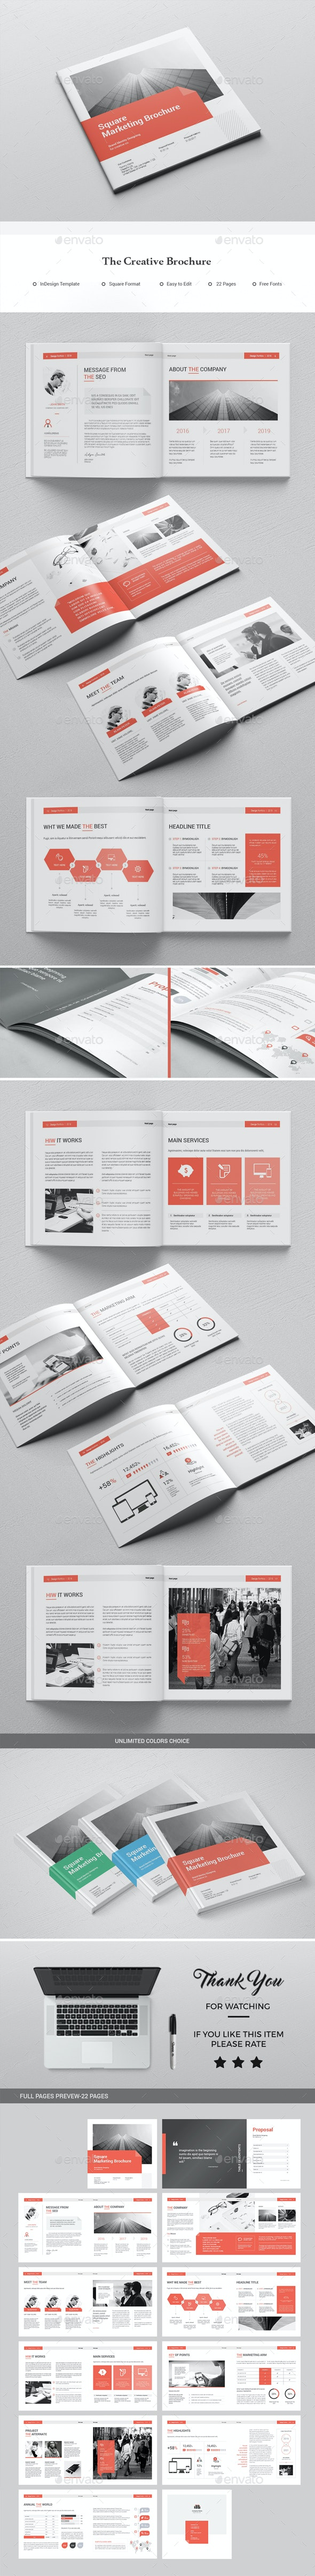 The Creative Brochure - Corporate Brochures